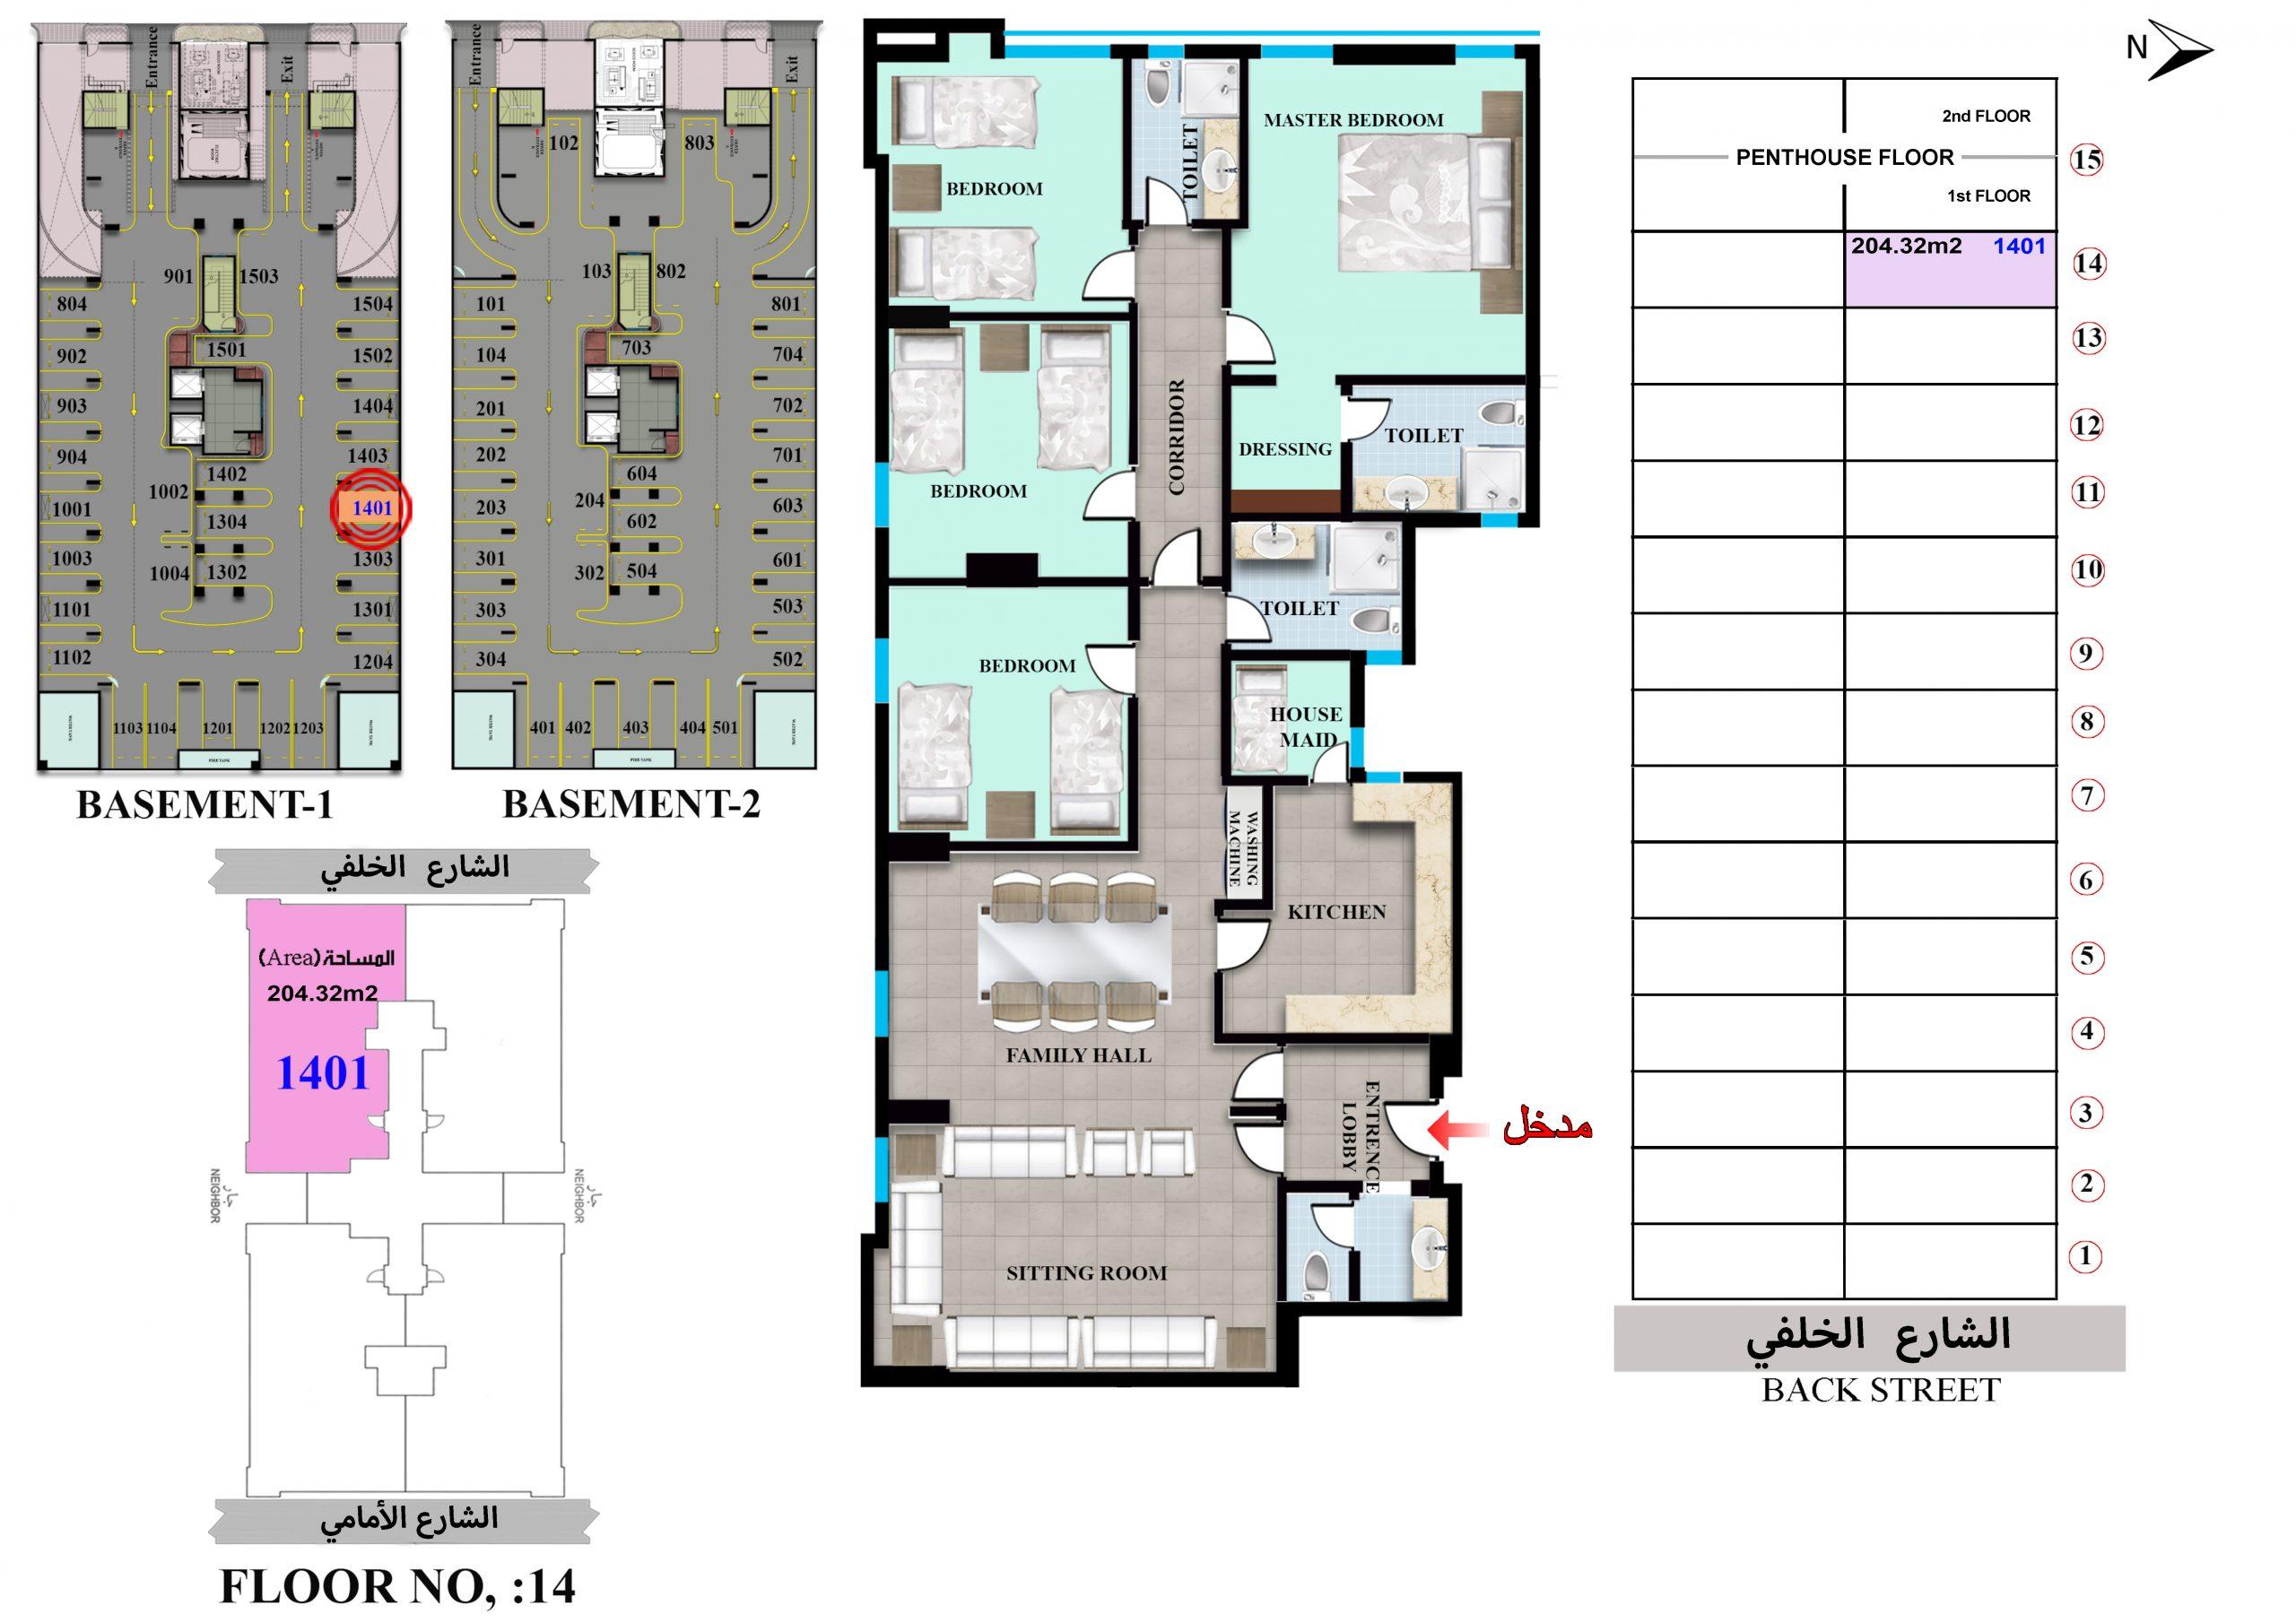 شقة رقم 1401